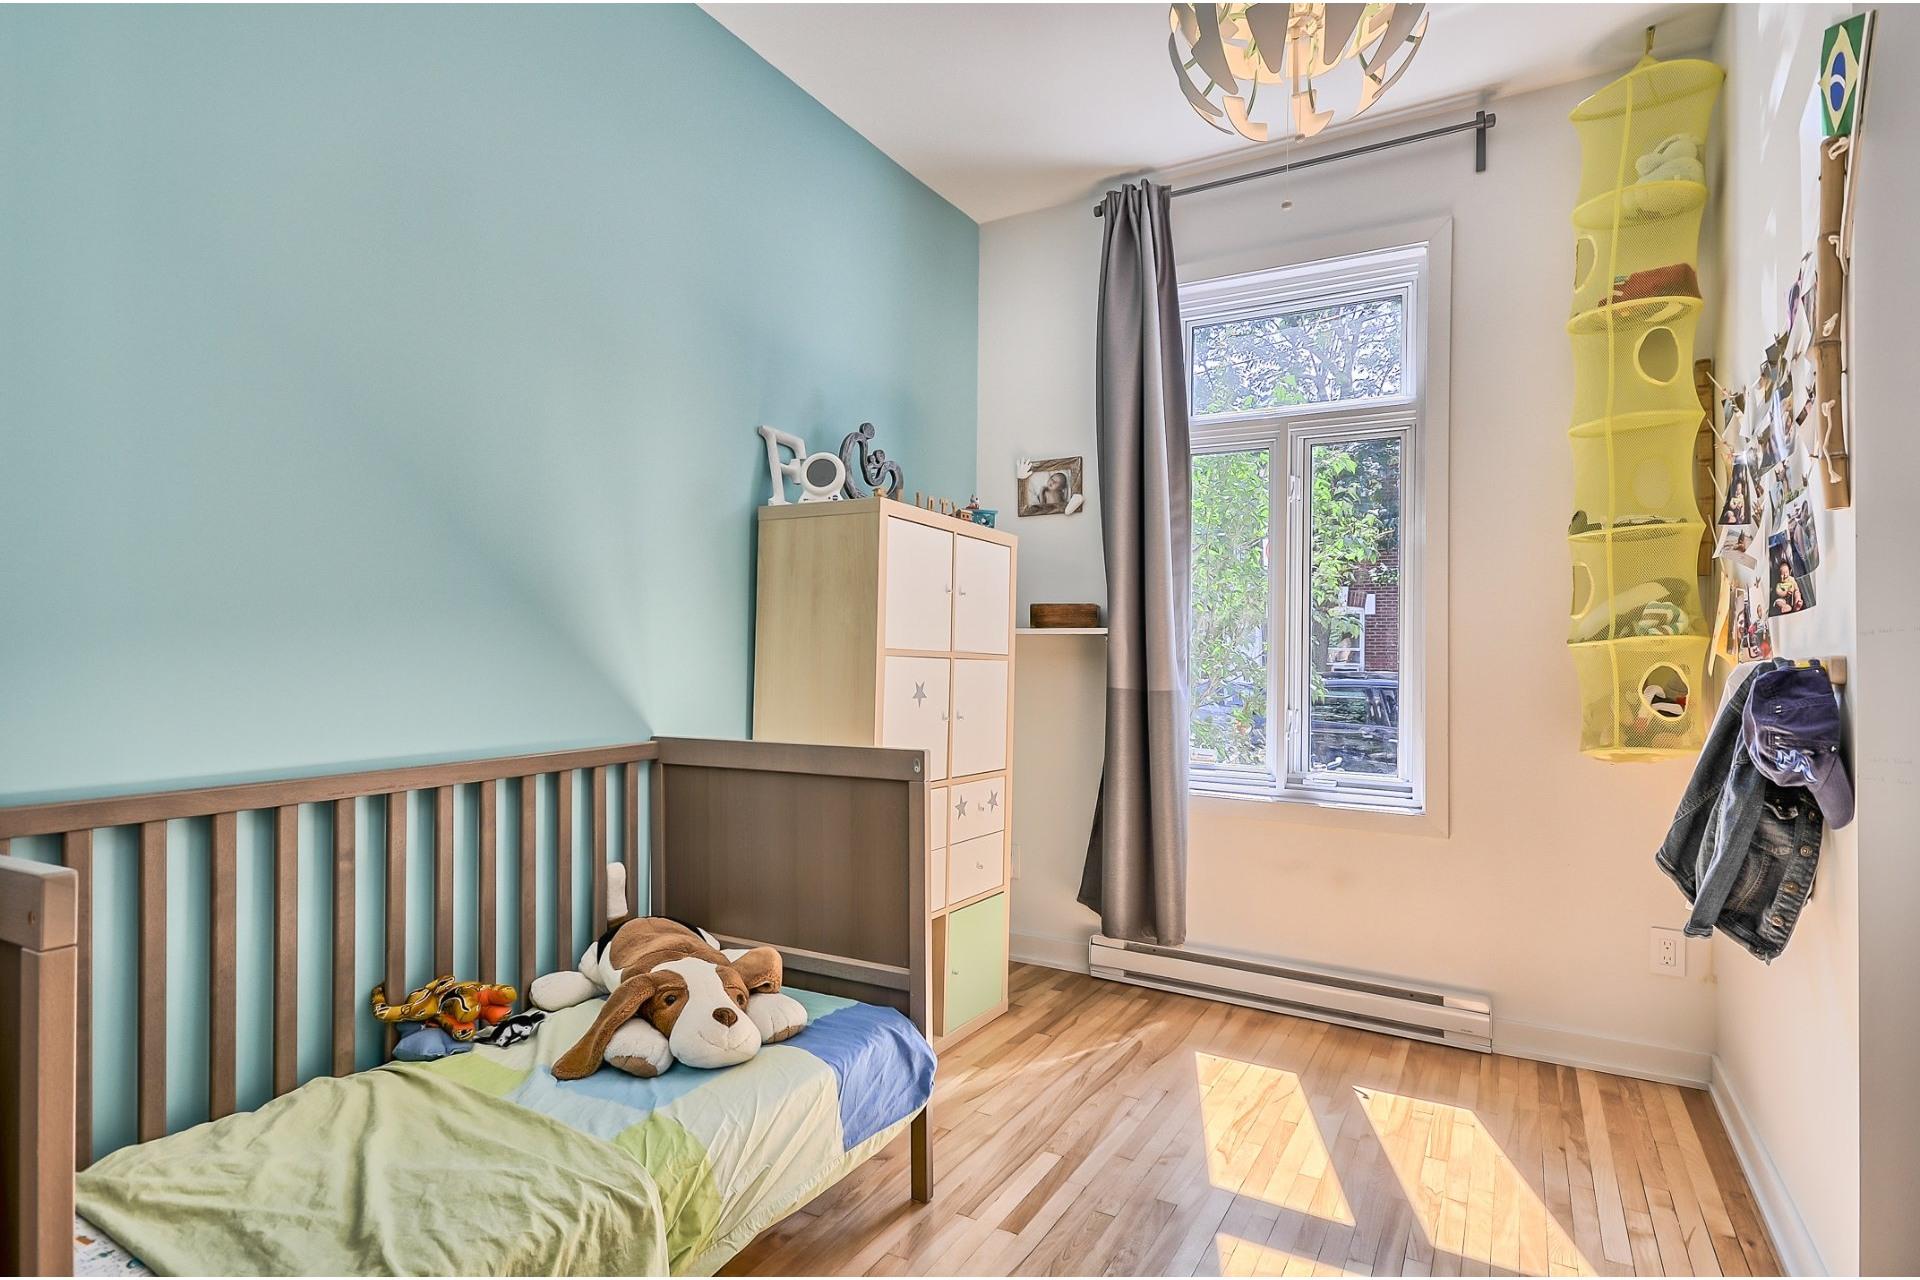 image 6 - Duplex À vendre Montréal Rosemont/La Petite-Patrie  - 10 pièces